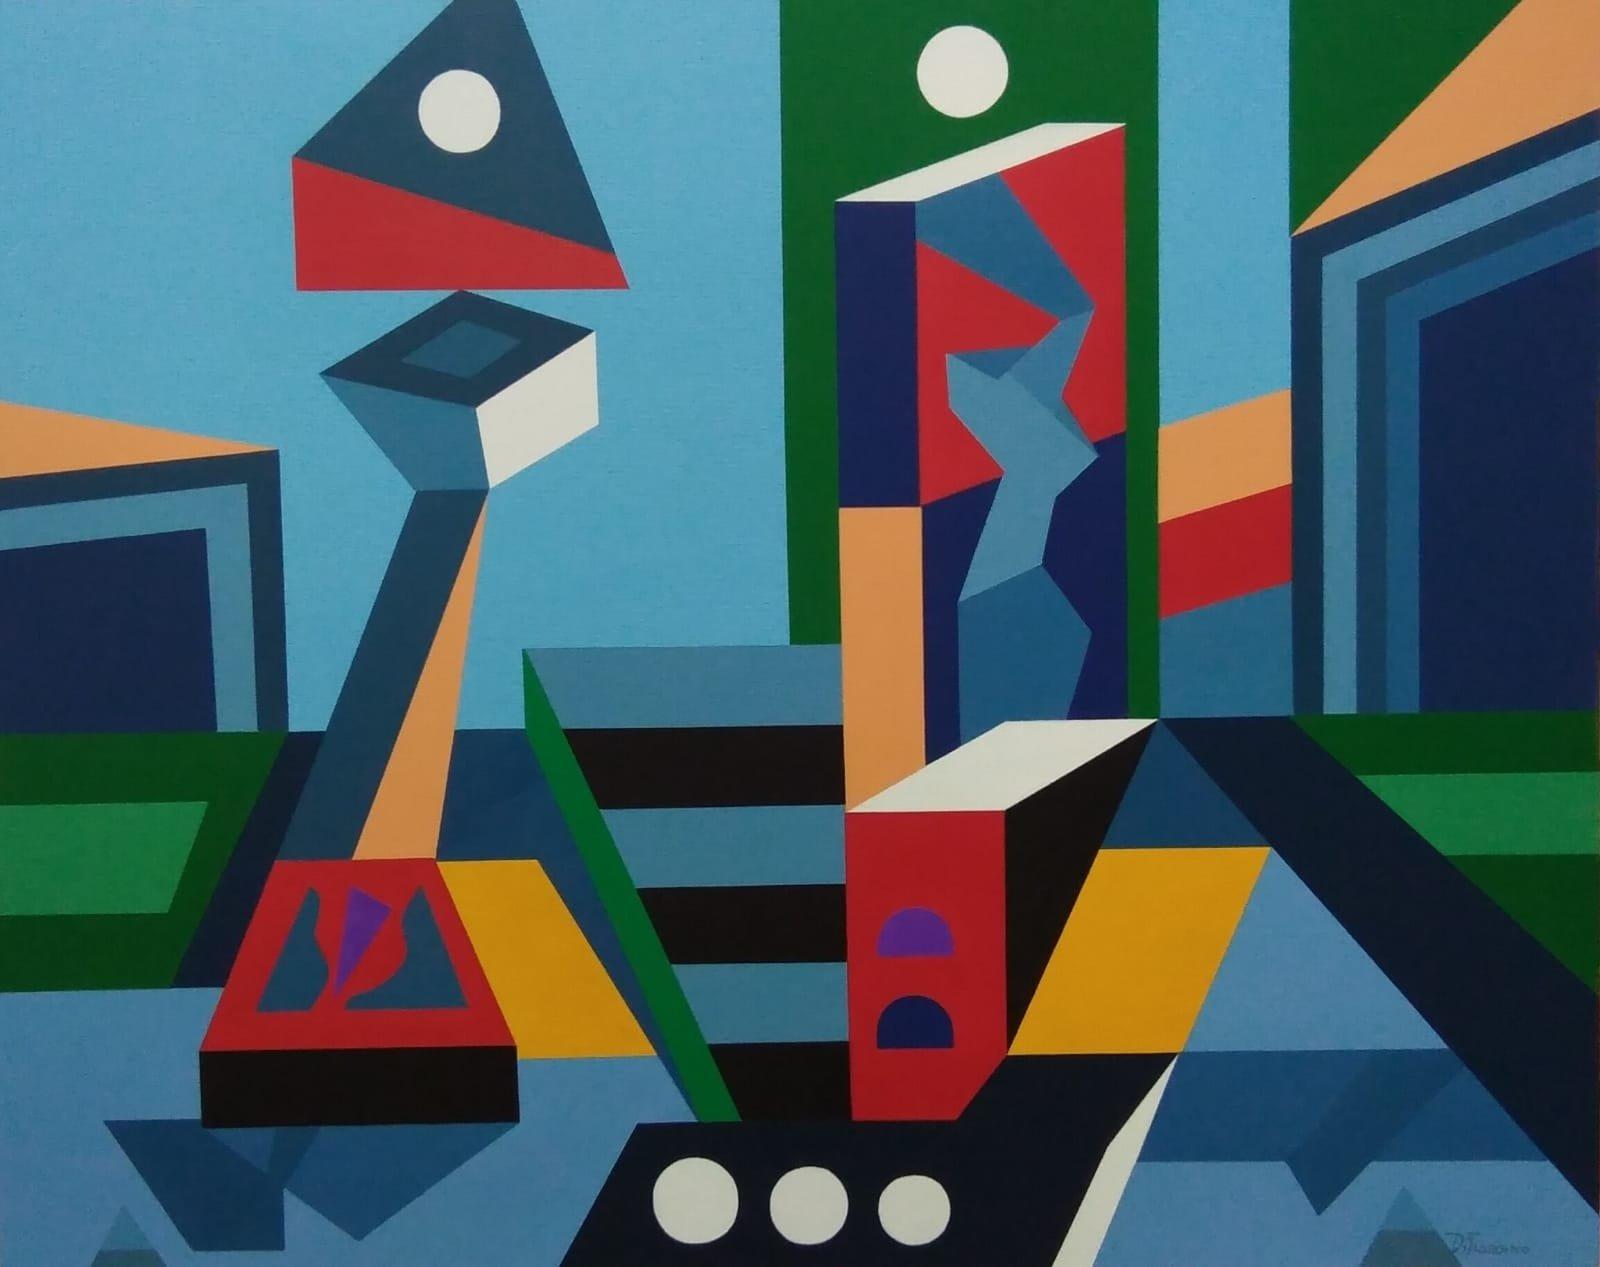 64079a6e2b Sono molteplici, dunque, le intuizioni e le sollecitazioni filosofiche che  questo artista propone dietro una pittura policromatica di 'schema'.